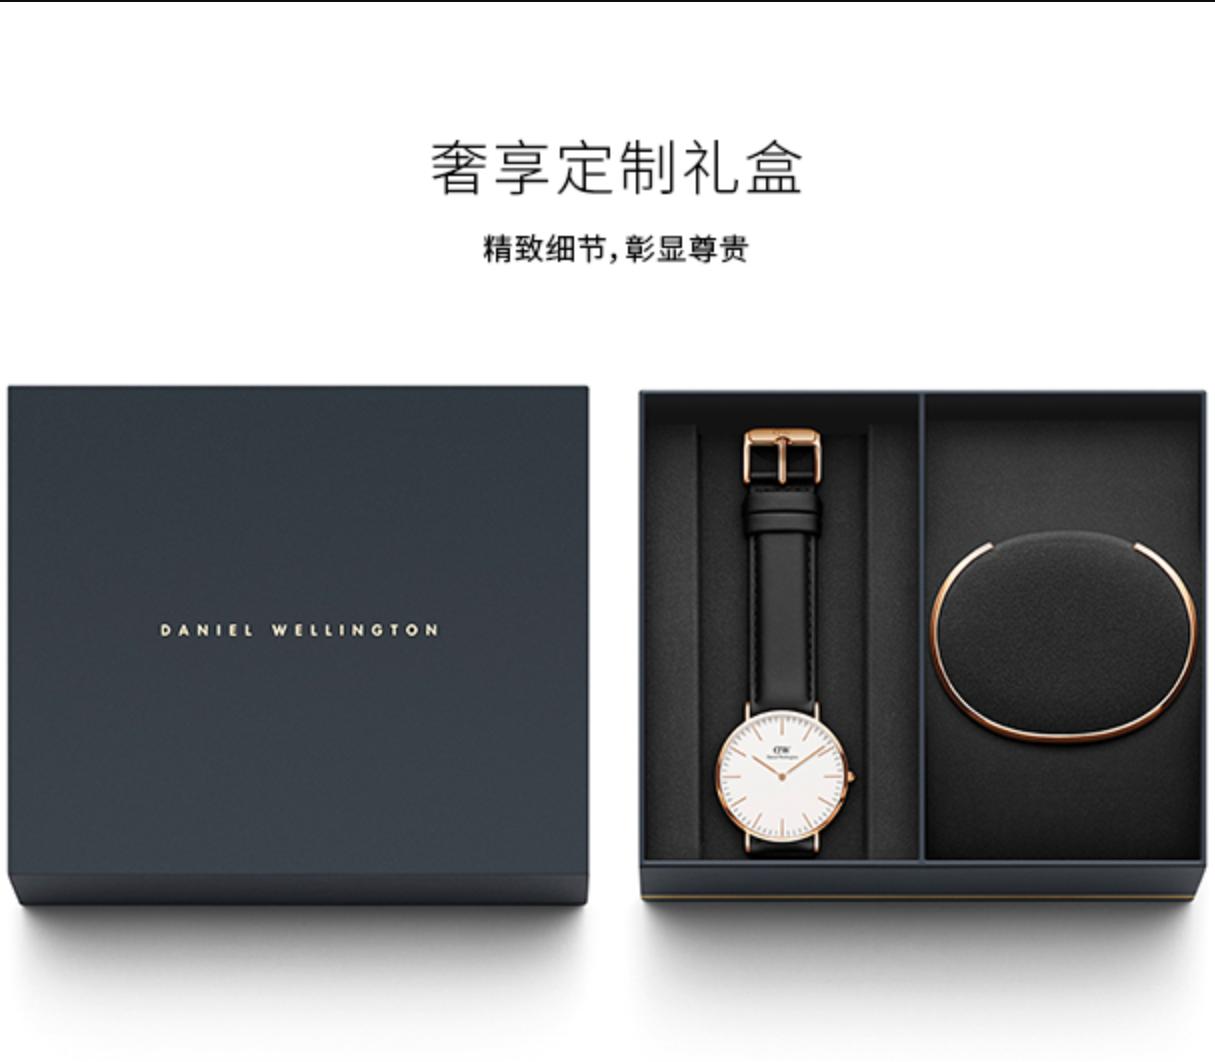 DW礼盒套装 手表+手镯